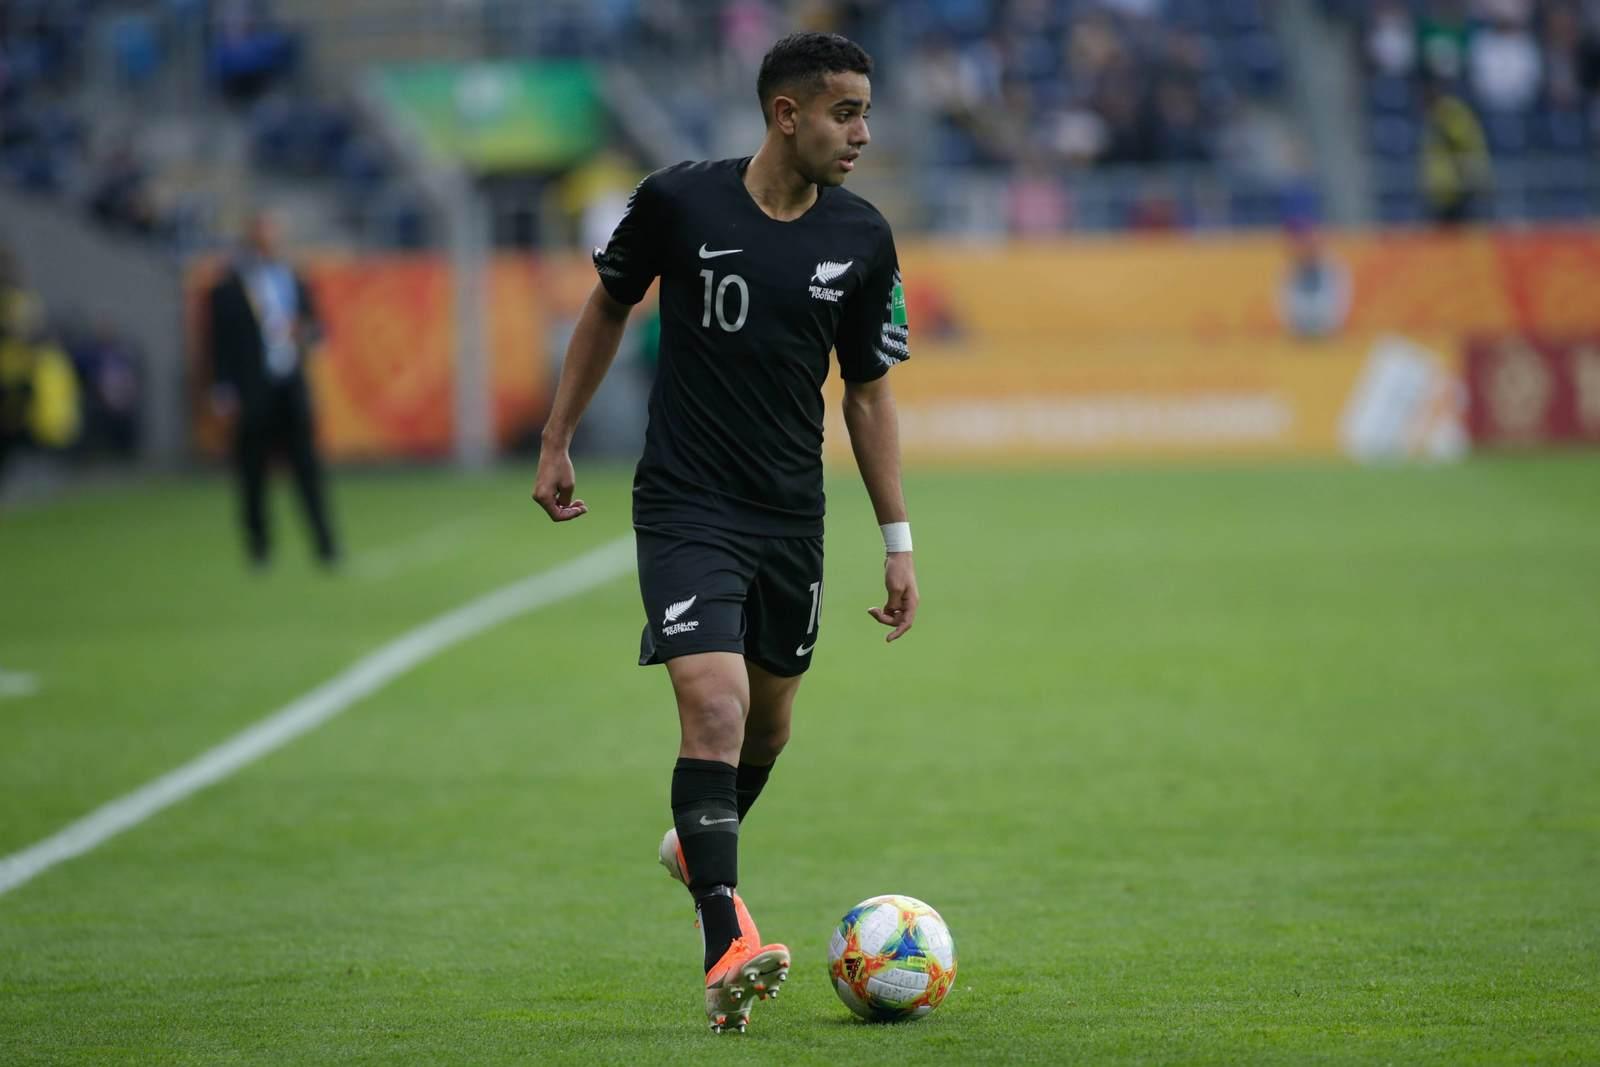 Sarpreet Singh mit dem Ball am Fuß